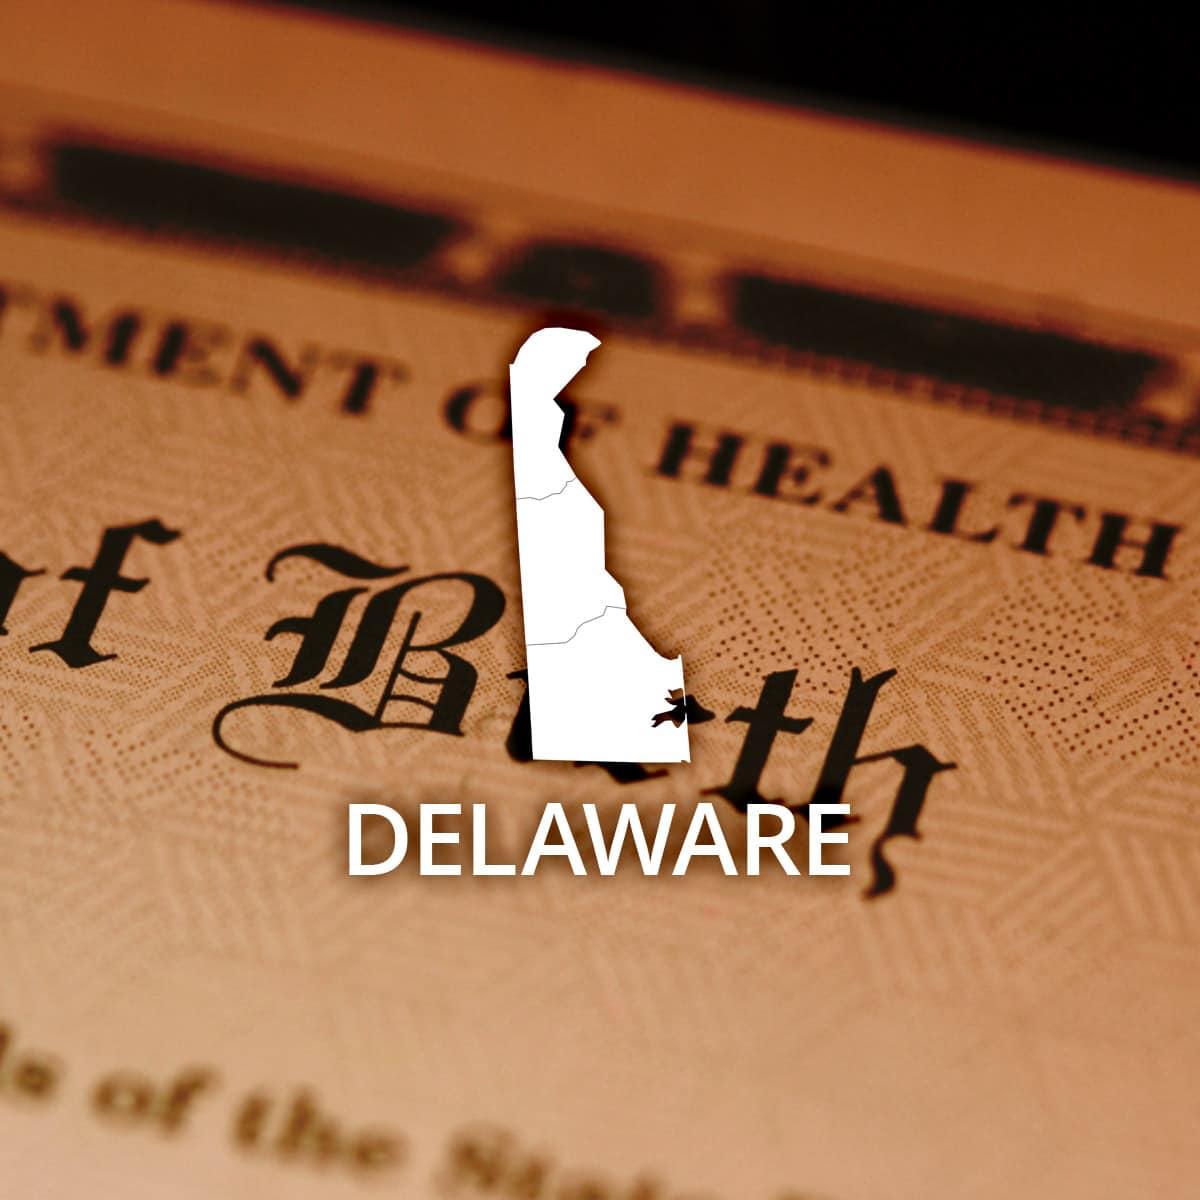 Where To Obtain A Delaware Birth Certificate